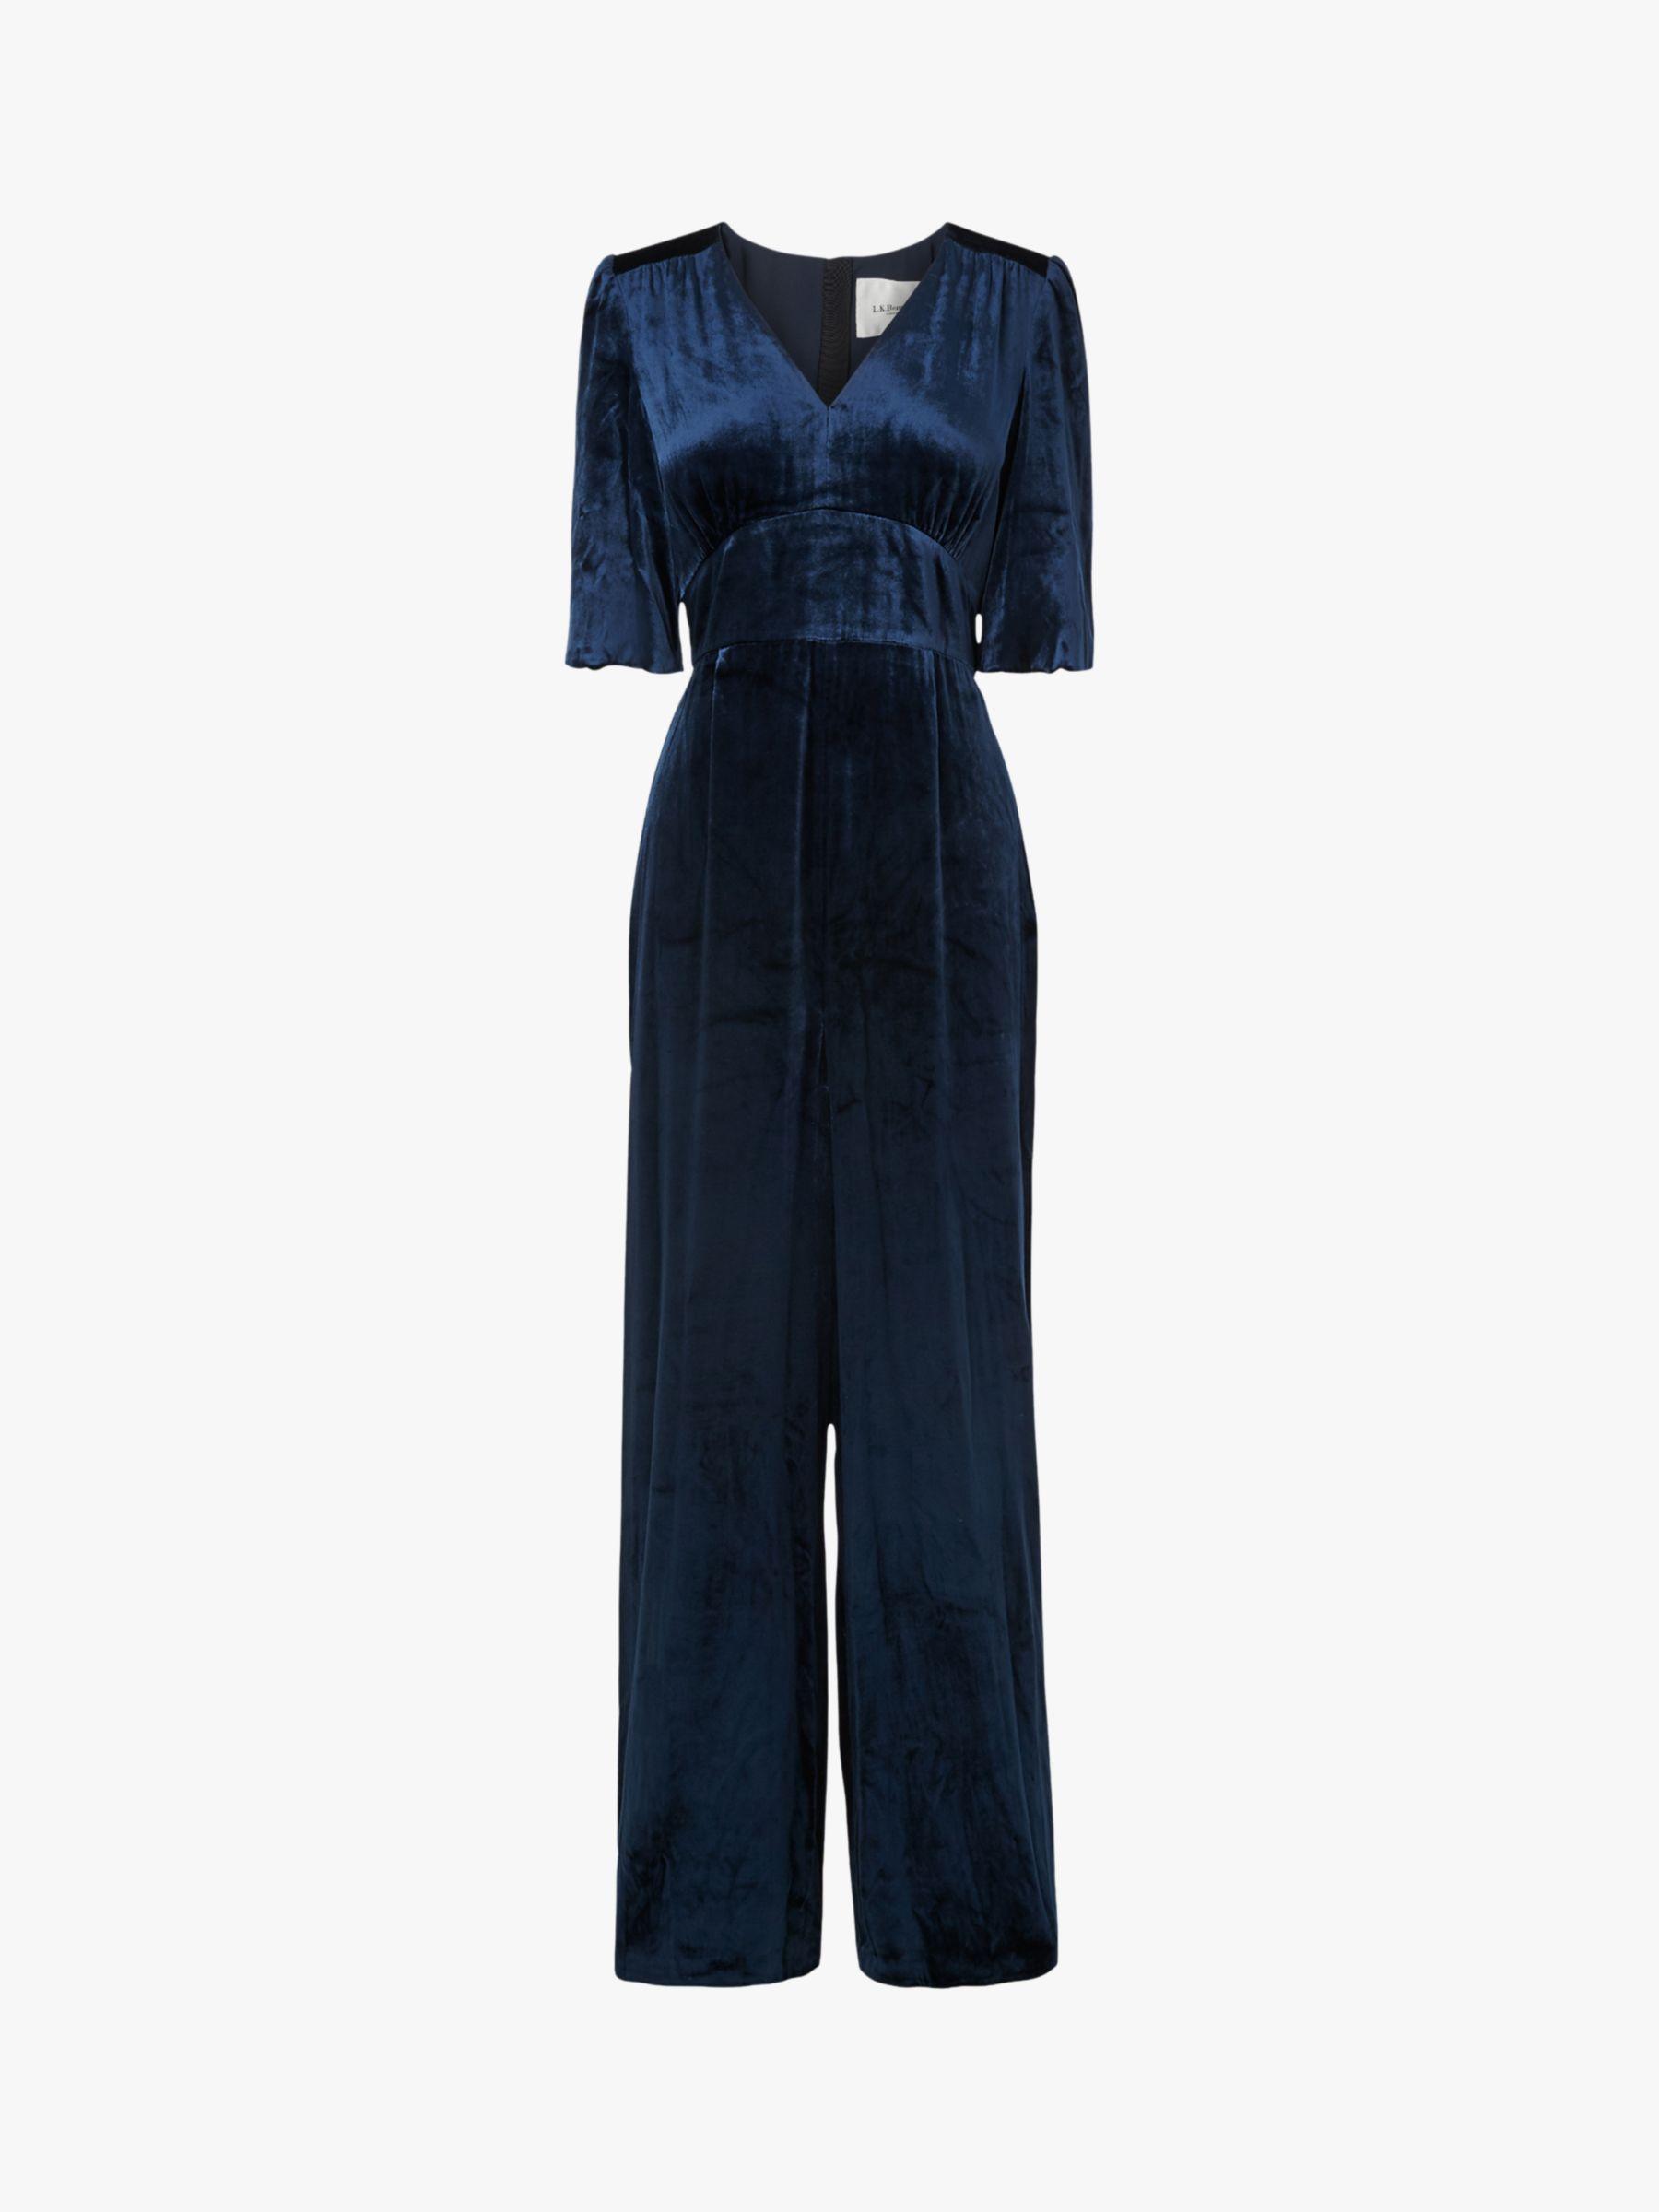 L K Bennett Nova Velvet Jumpsuit Midnight Blue At John Lewis Partners